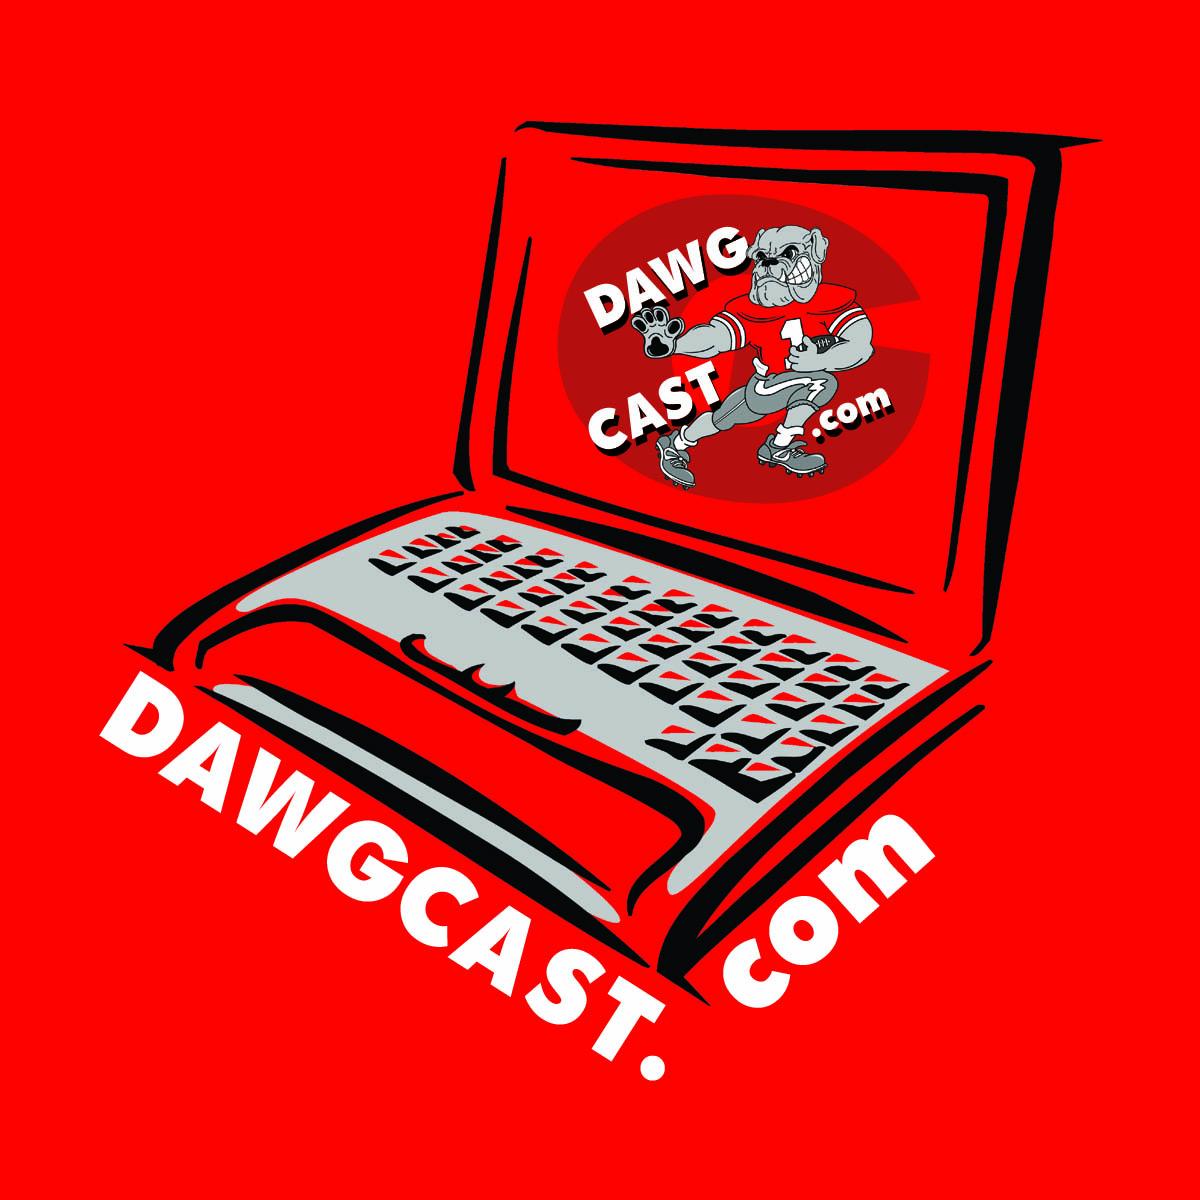 Musical DawgCast